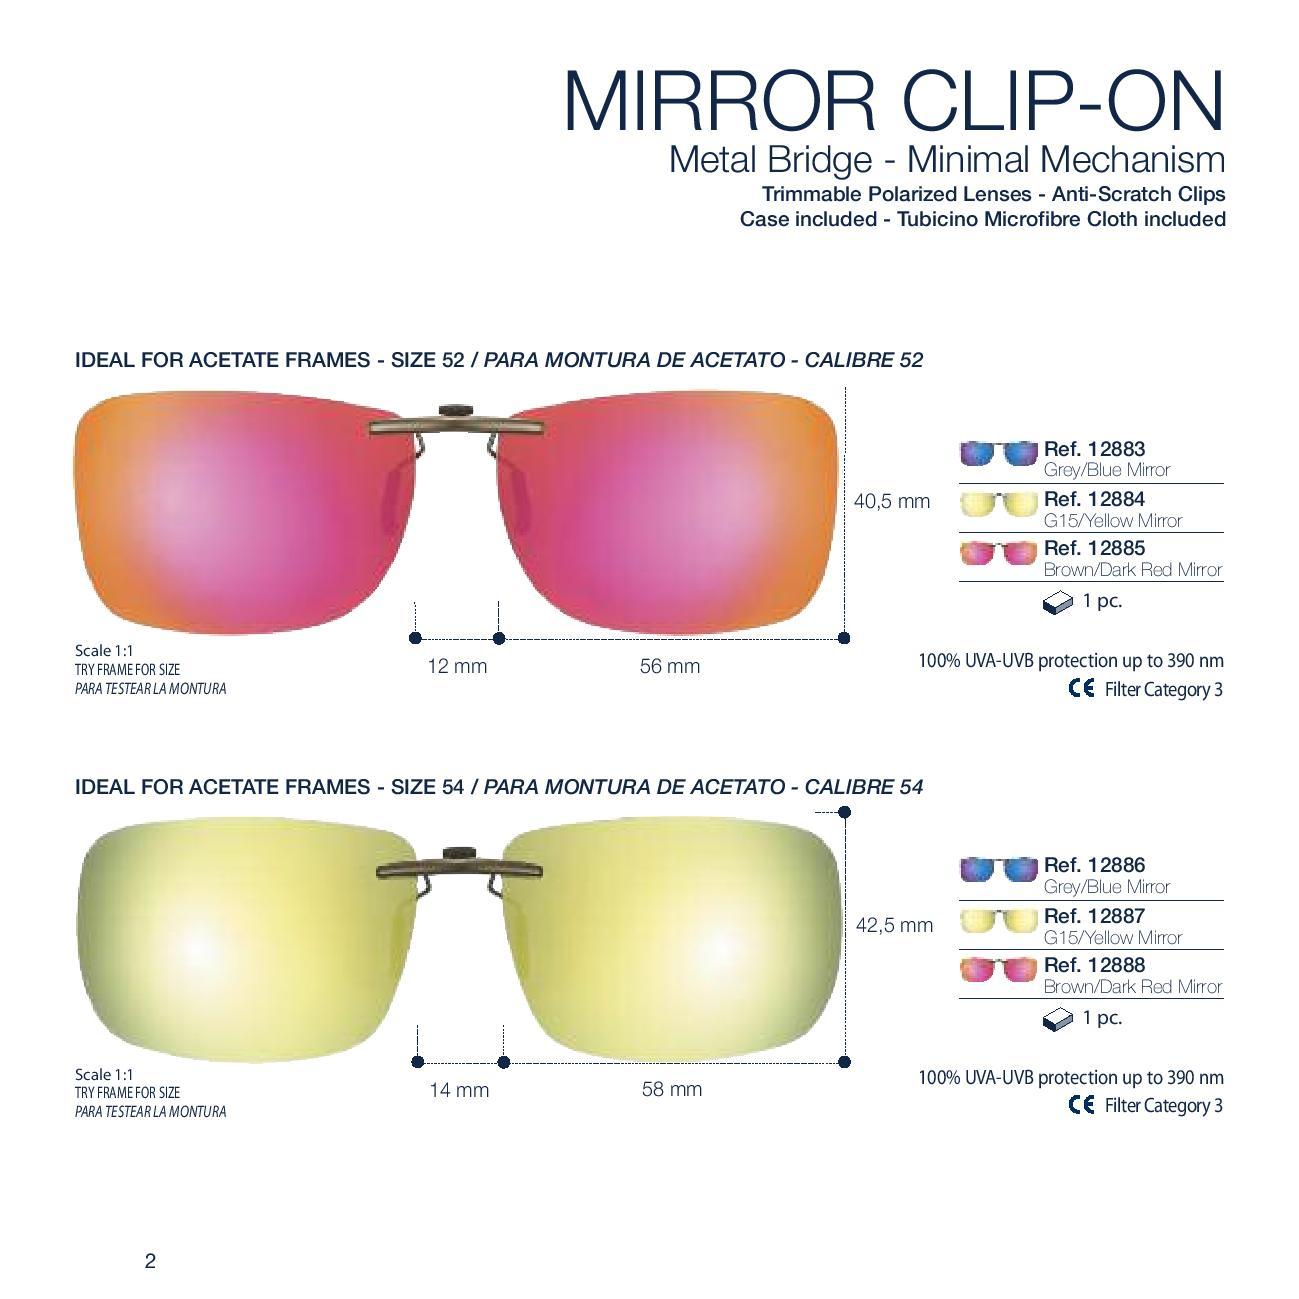 0212887 - Clip-On p/Acetato Retang 54 Amarelo Espelhado Mod 12887 FLAG 9 - Contém 1 Peça